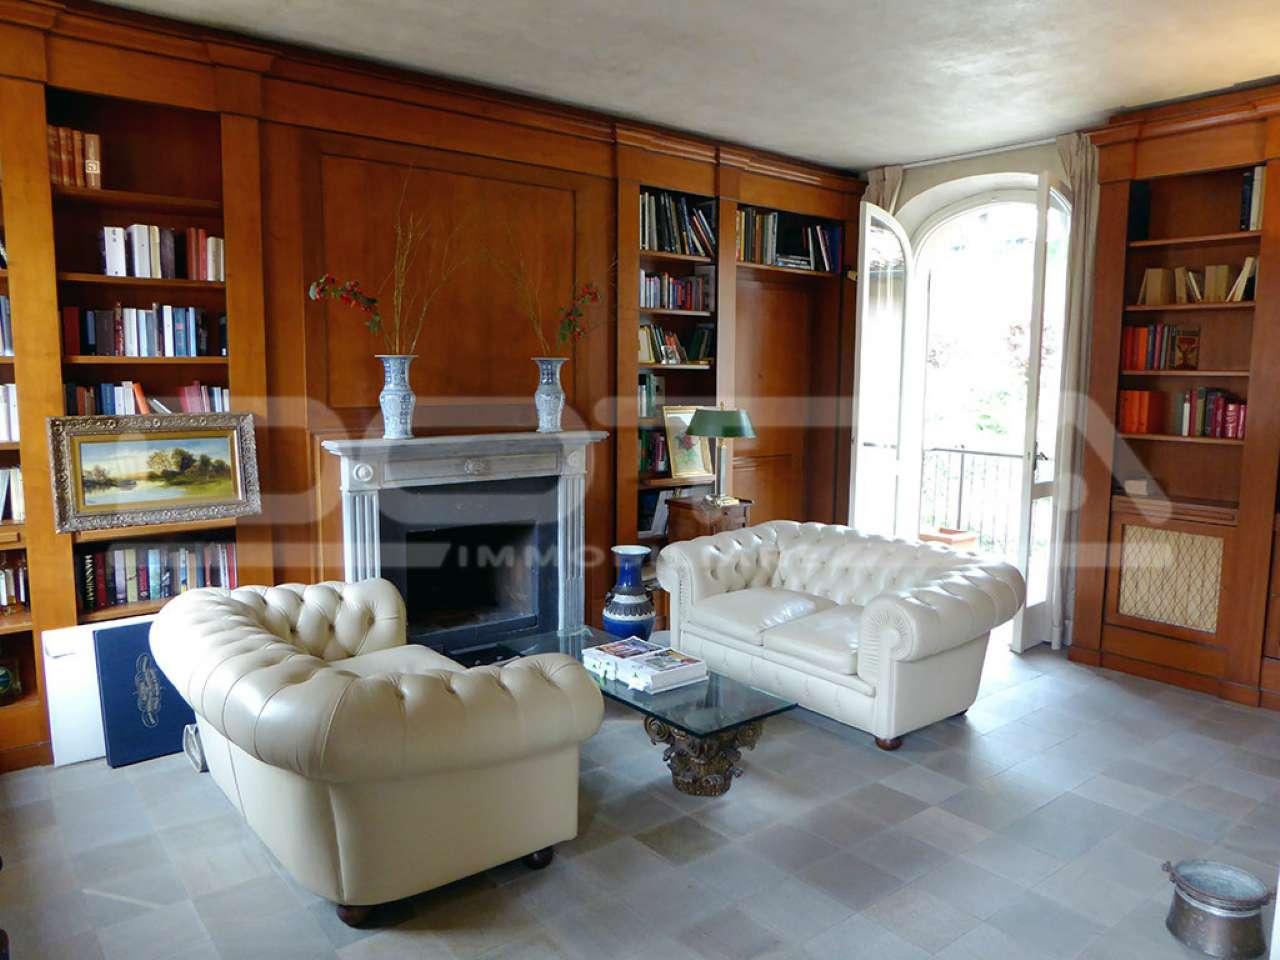 Appartamento in vendita a Fossano, 5 locali, prezzo € 275.000 | CambioCasa.it